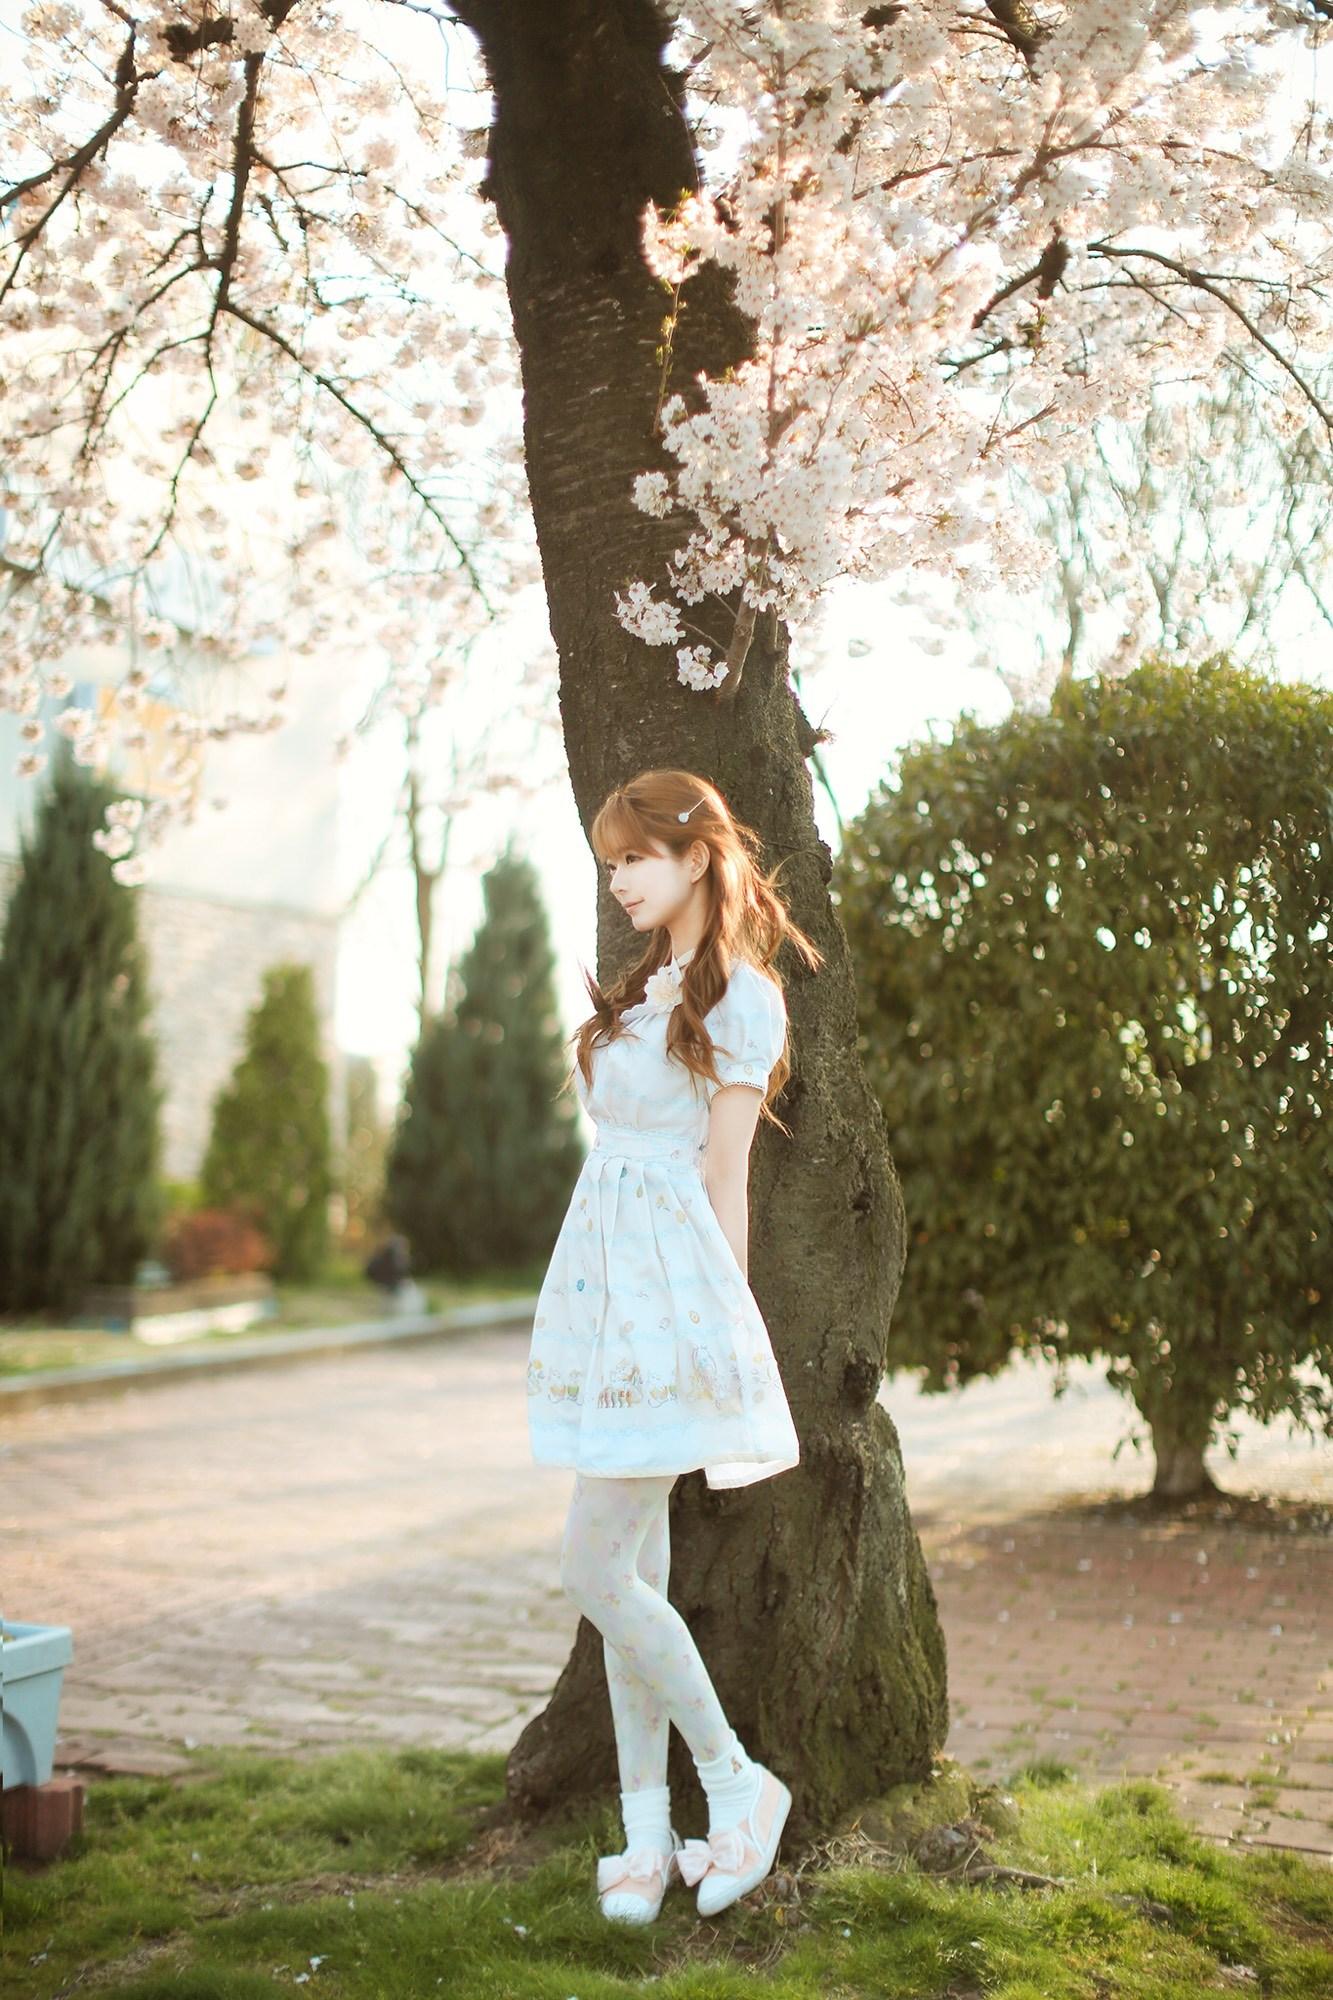 【兔玩映画】Yurisa 兔玩映画 第75张